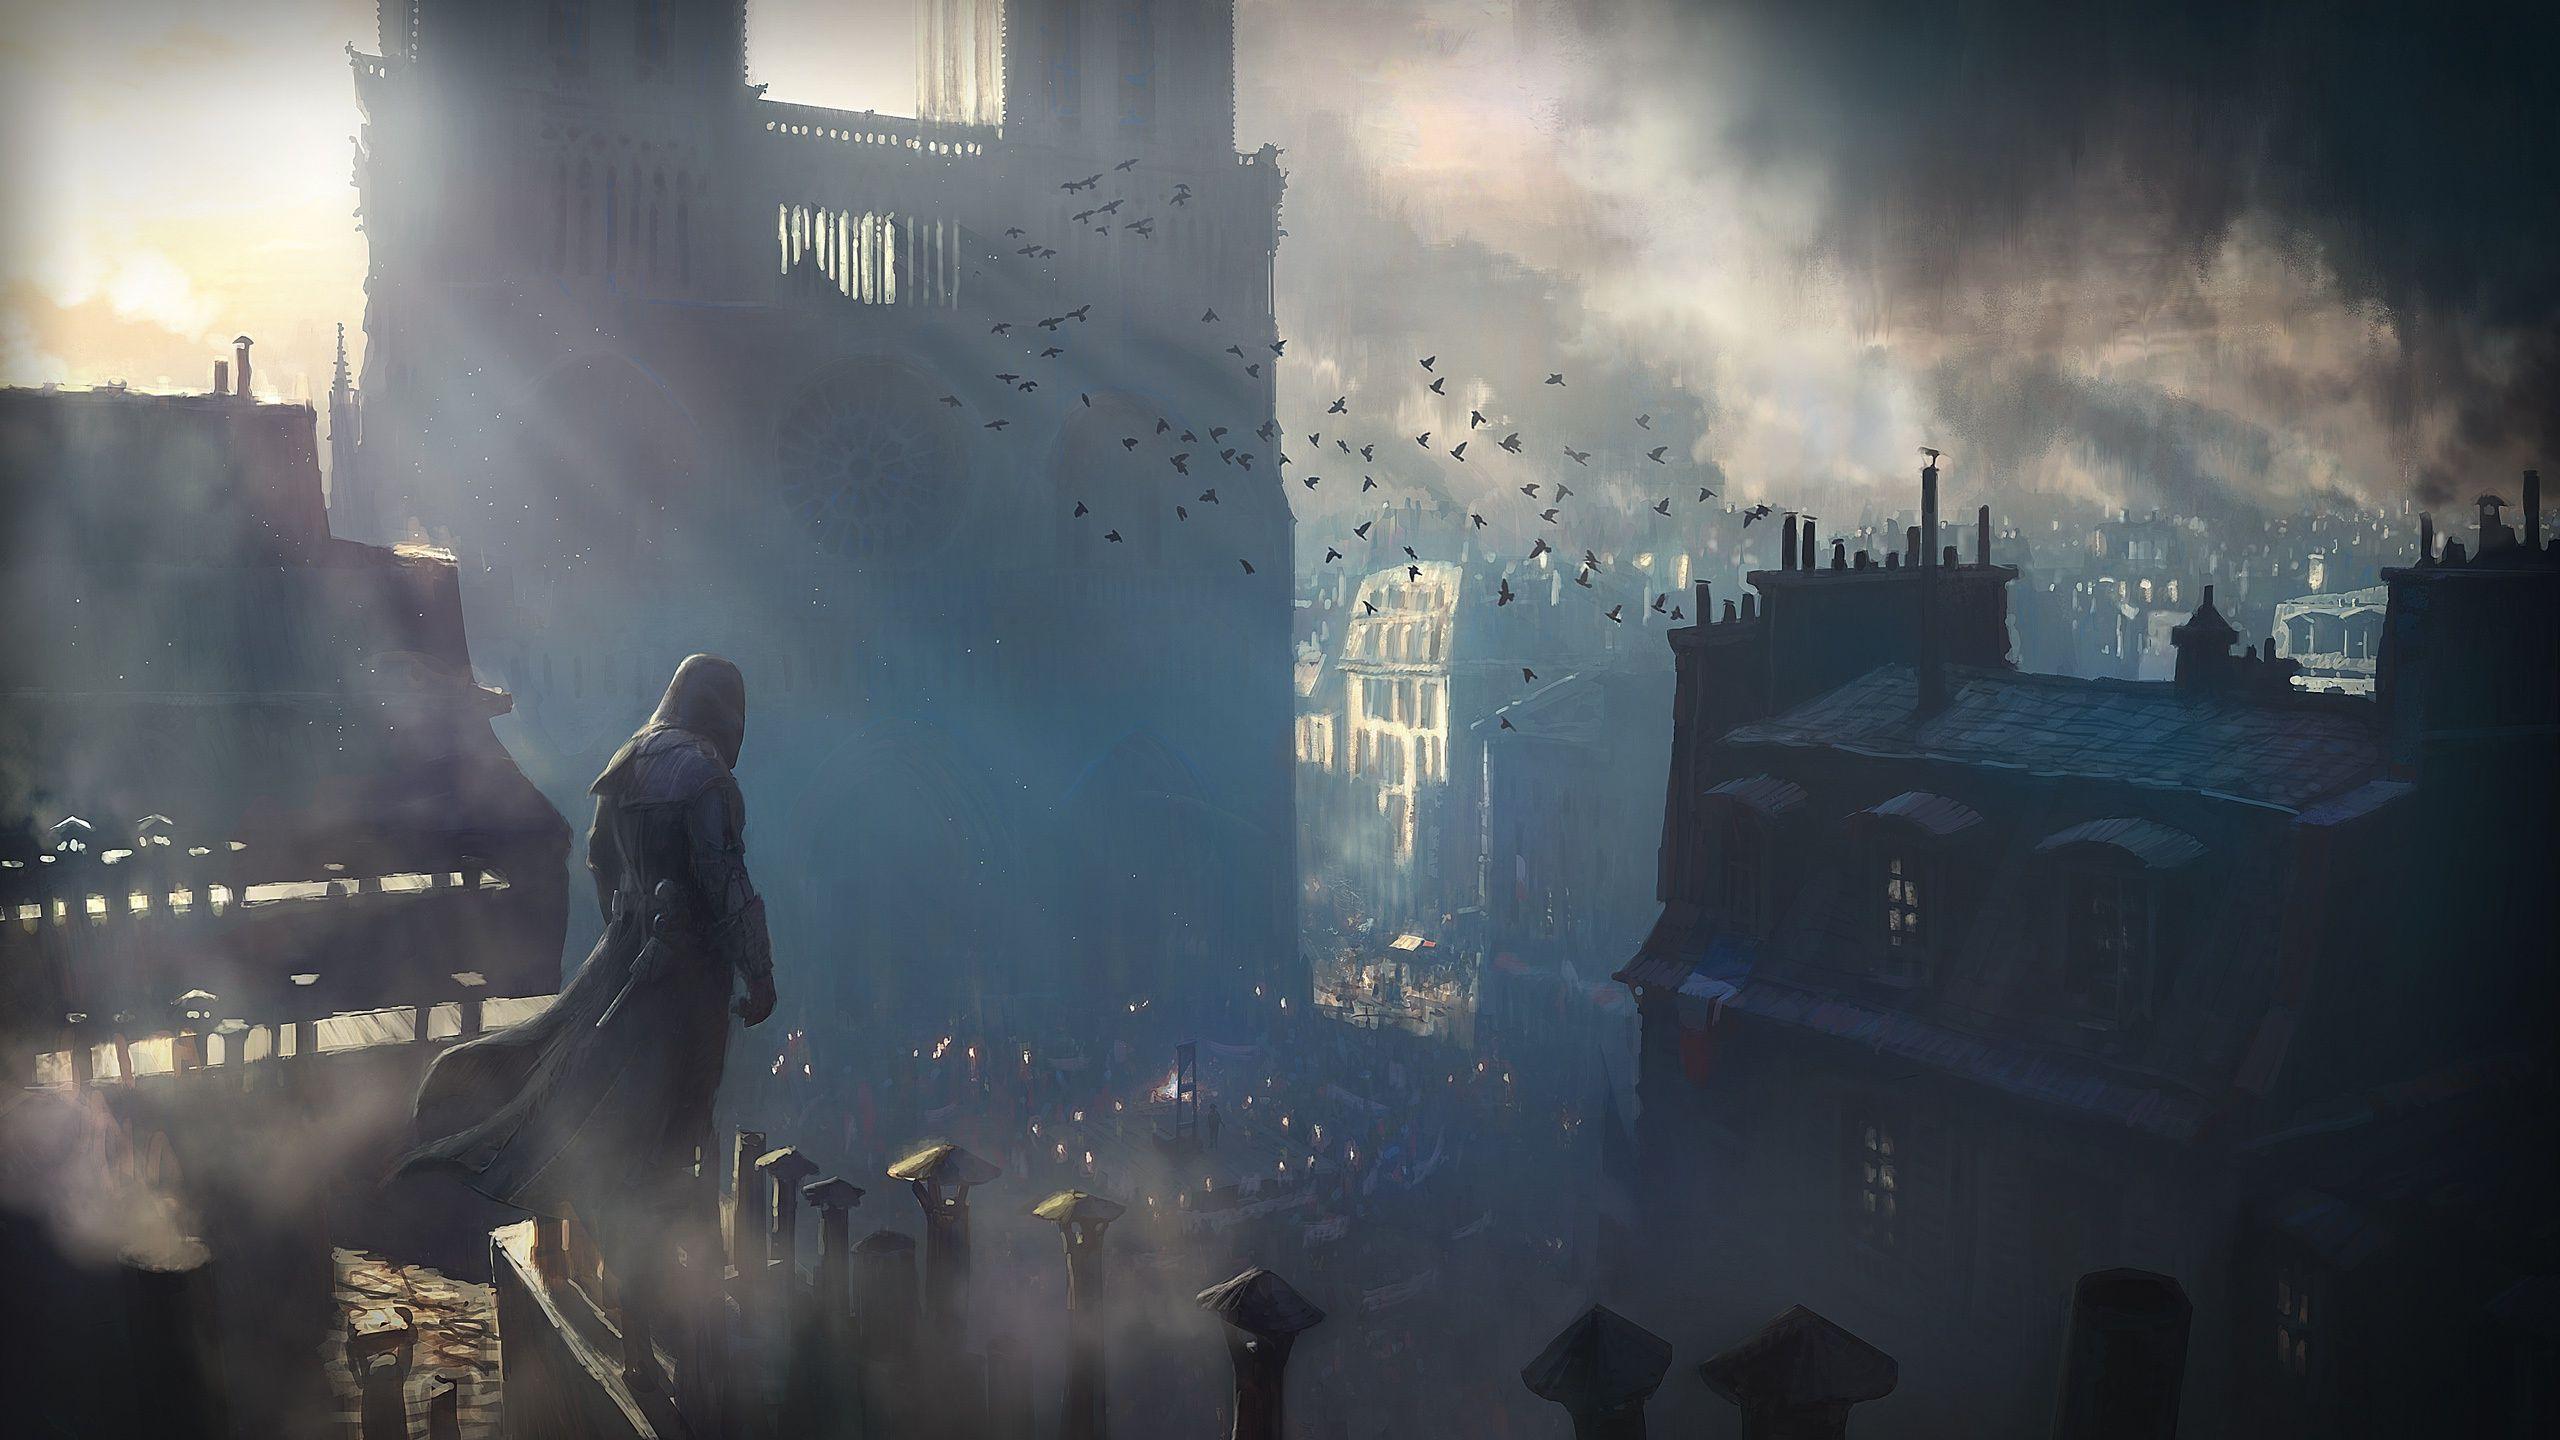 Assassins Creed Unity wallpaper 32344 2560x1440